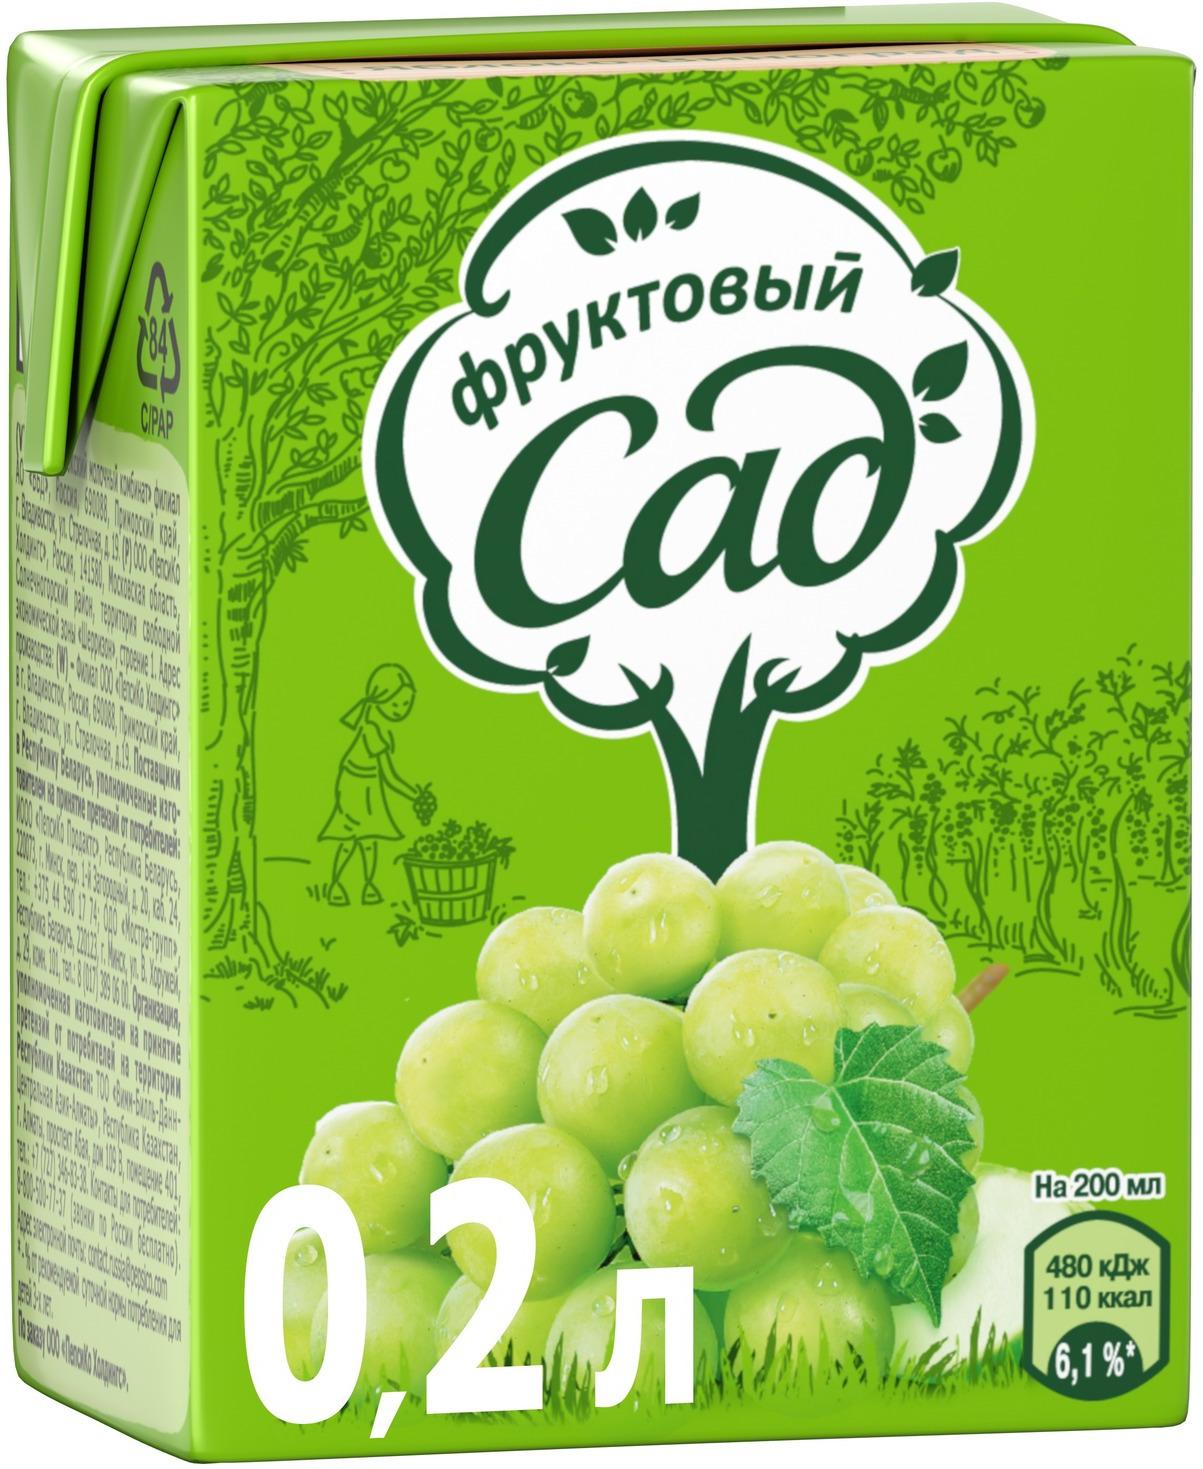 Фруктовый Сад Яблоко-Виноград нектар осветленный 0,2 л фруктовый сад яблоко нектар 0 2 л